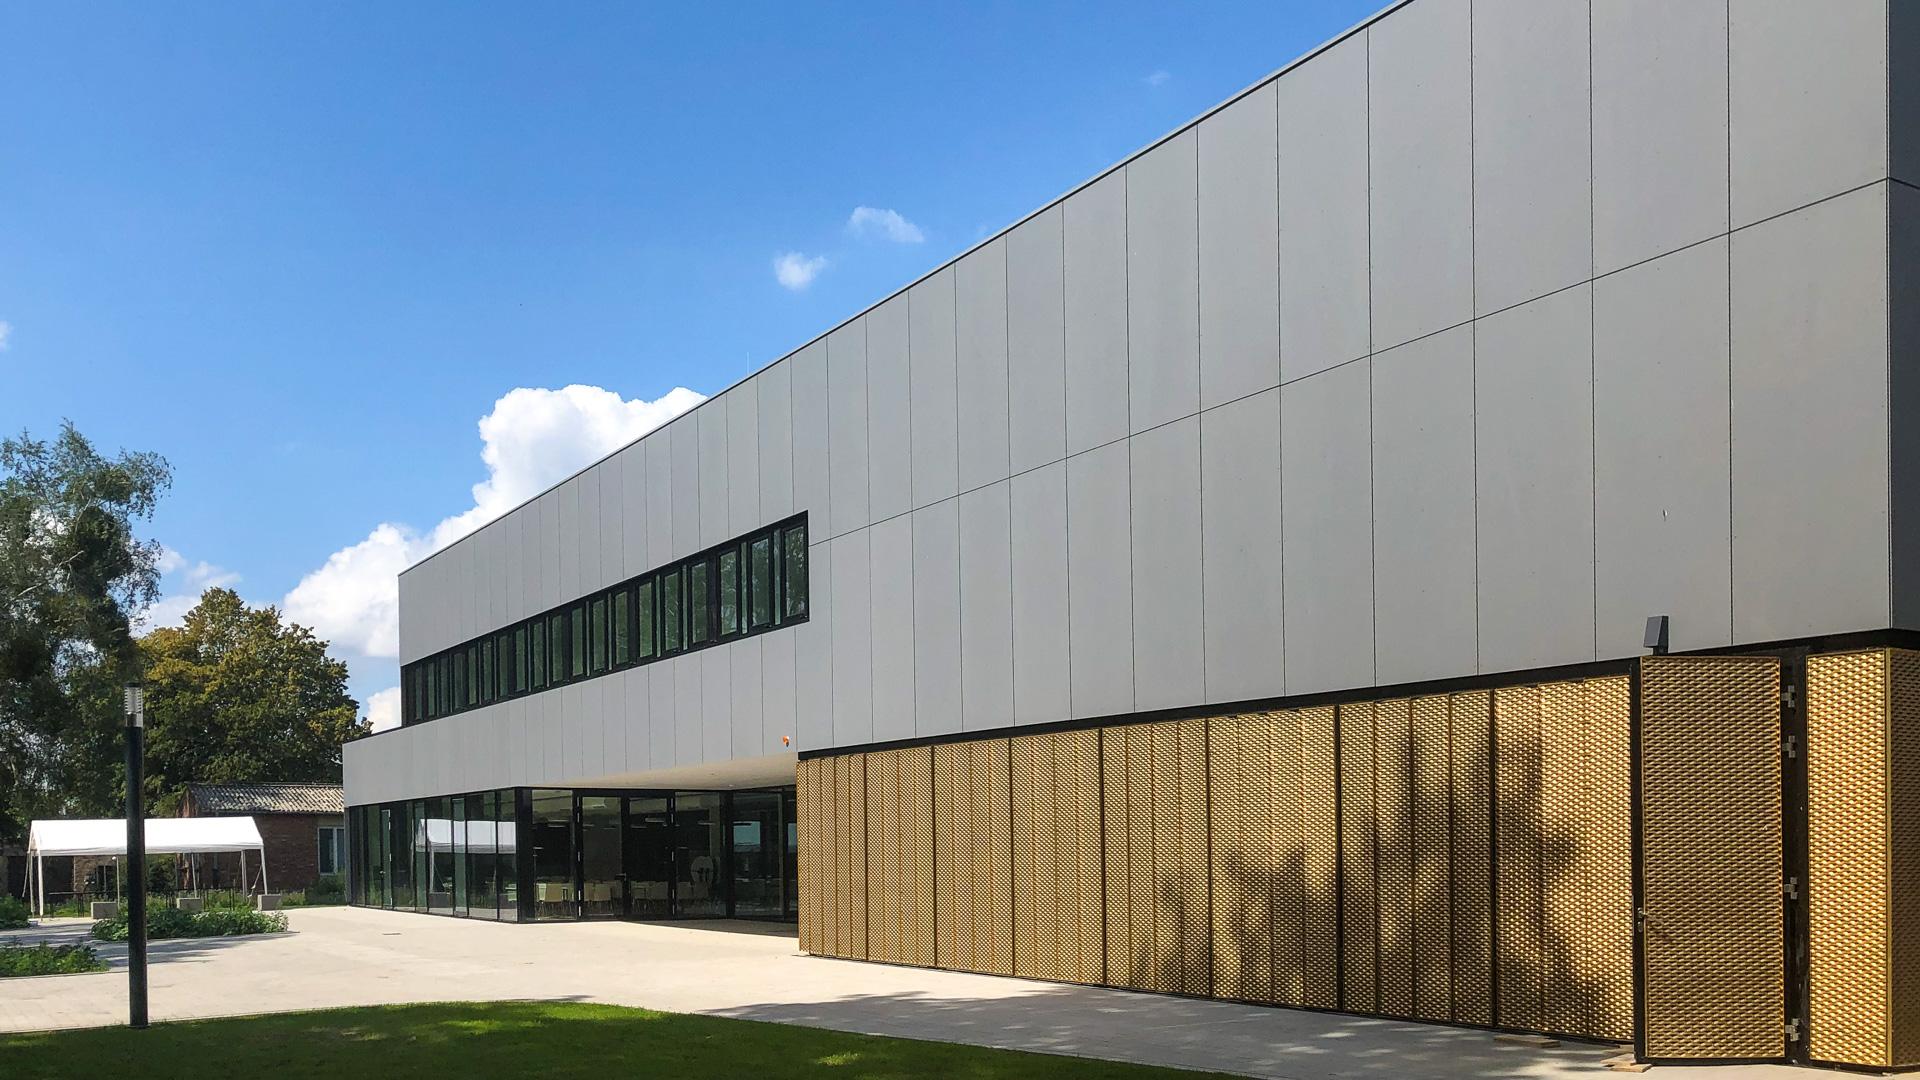 Leibniz-Institut für Agrartechnik und Bioökonomie (ATB), Potsdam (Bauzeit: 2018-2019)